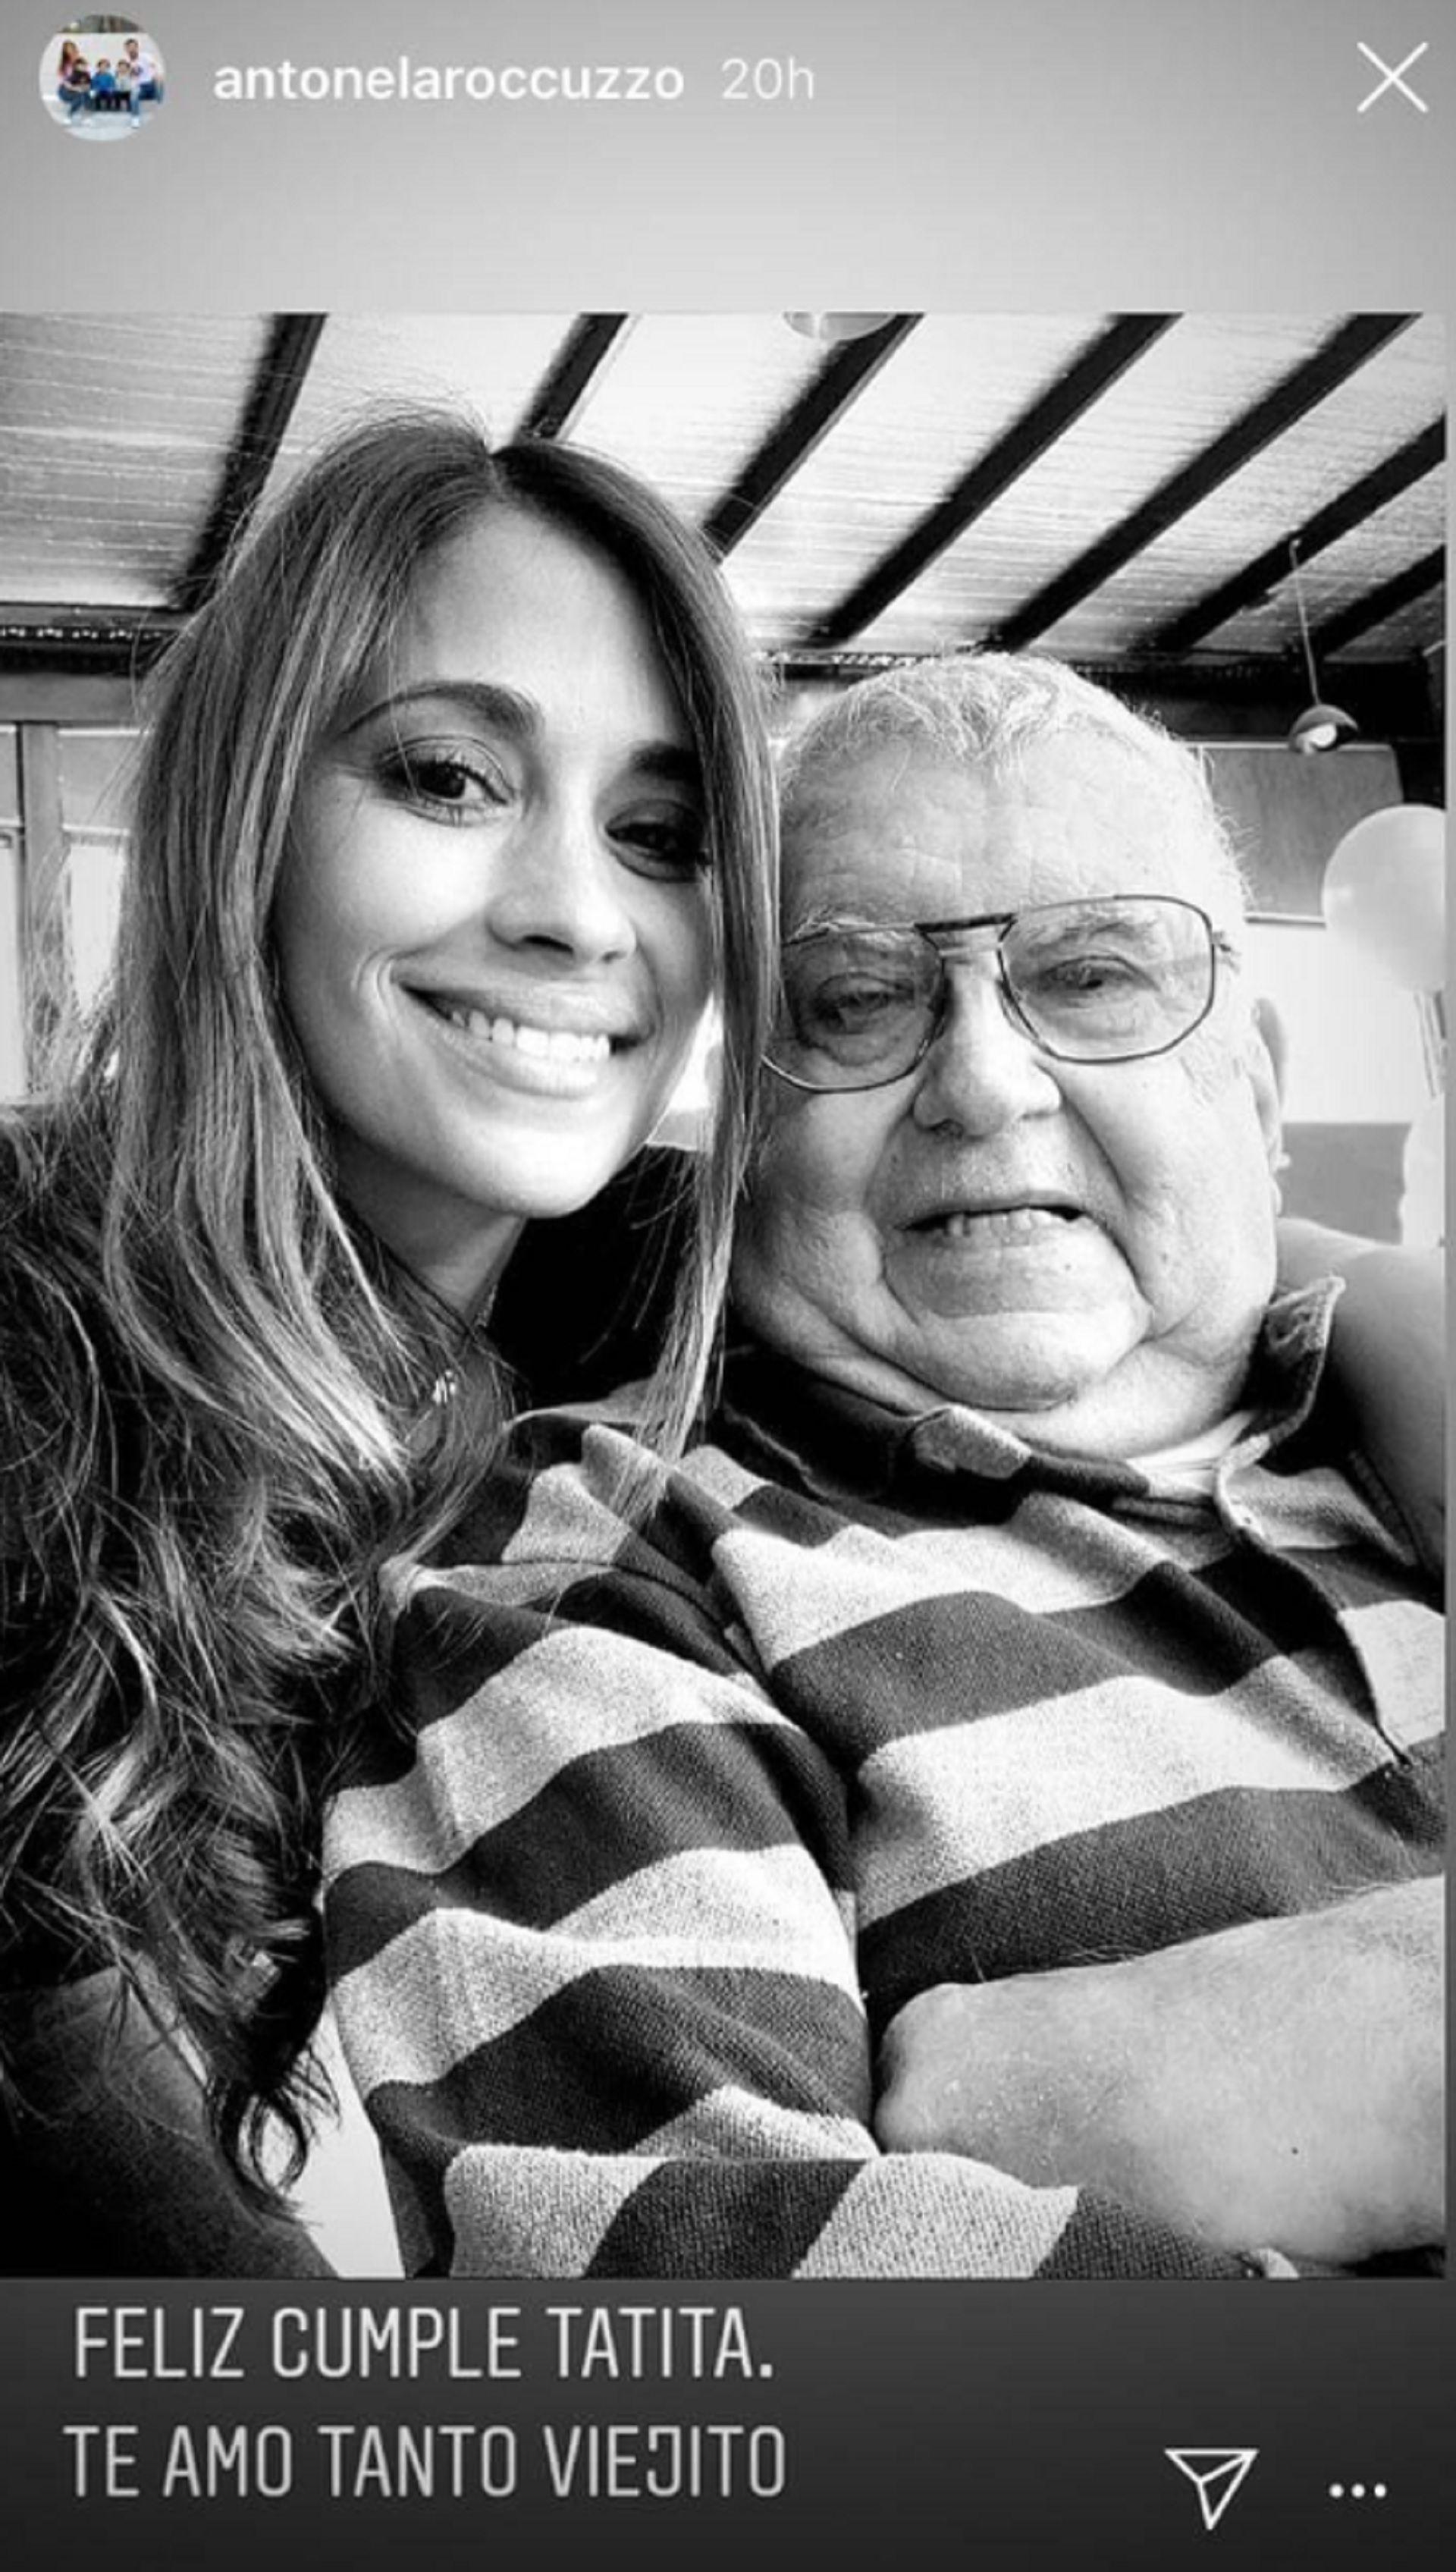 El posteo de Antonela Roccuzzo el último cumpleaños de su abuelo